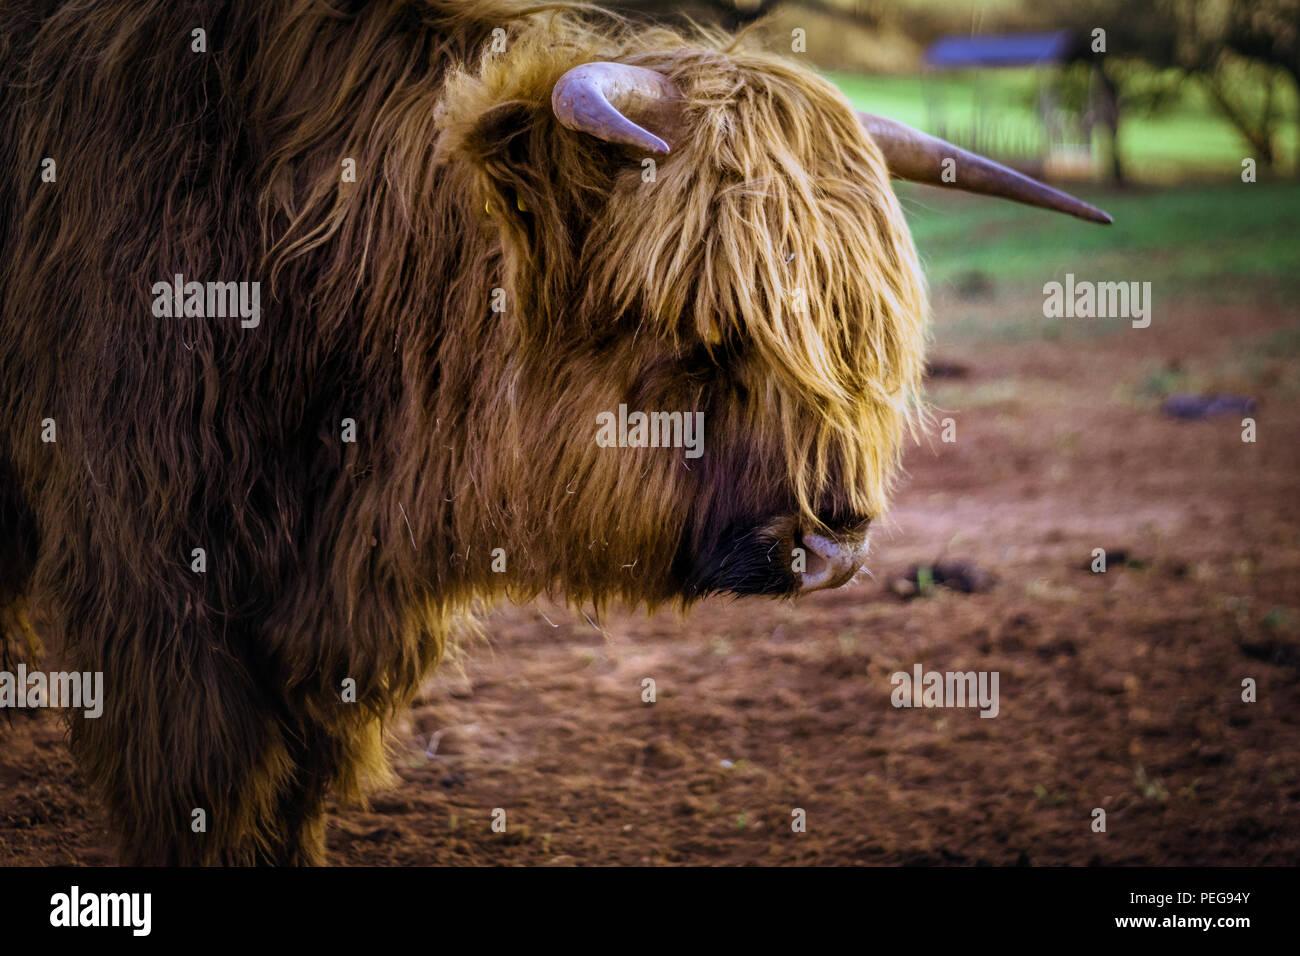 cattle horn bull germany Stock Photo